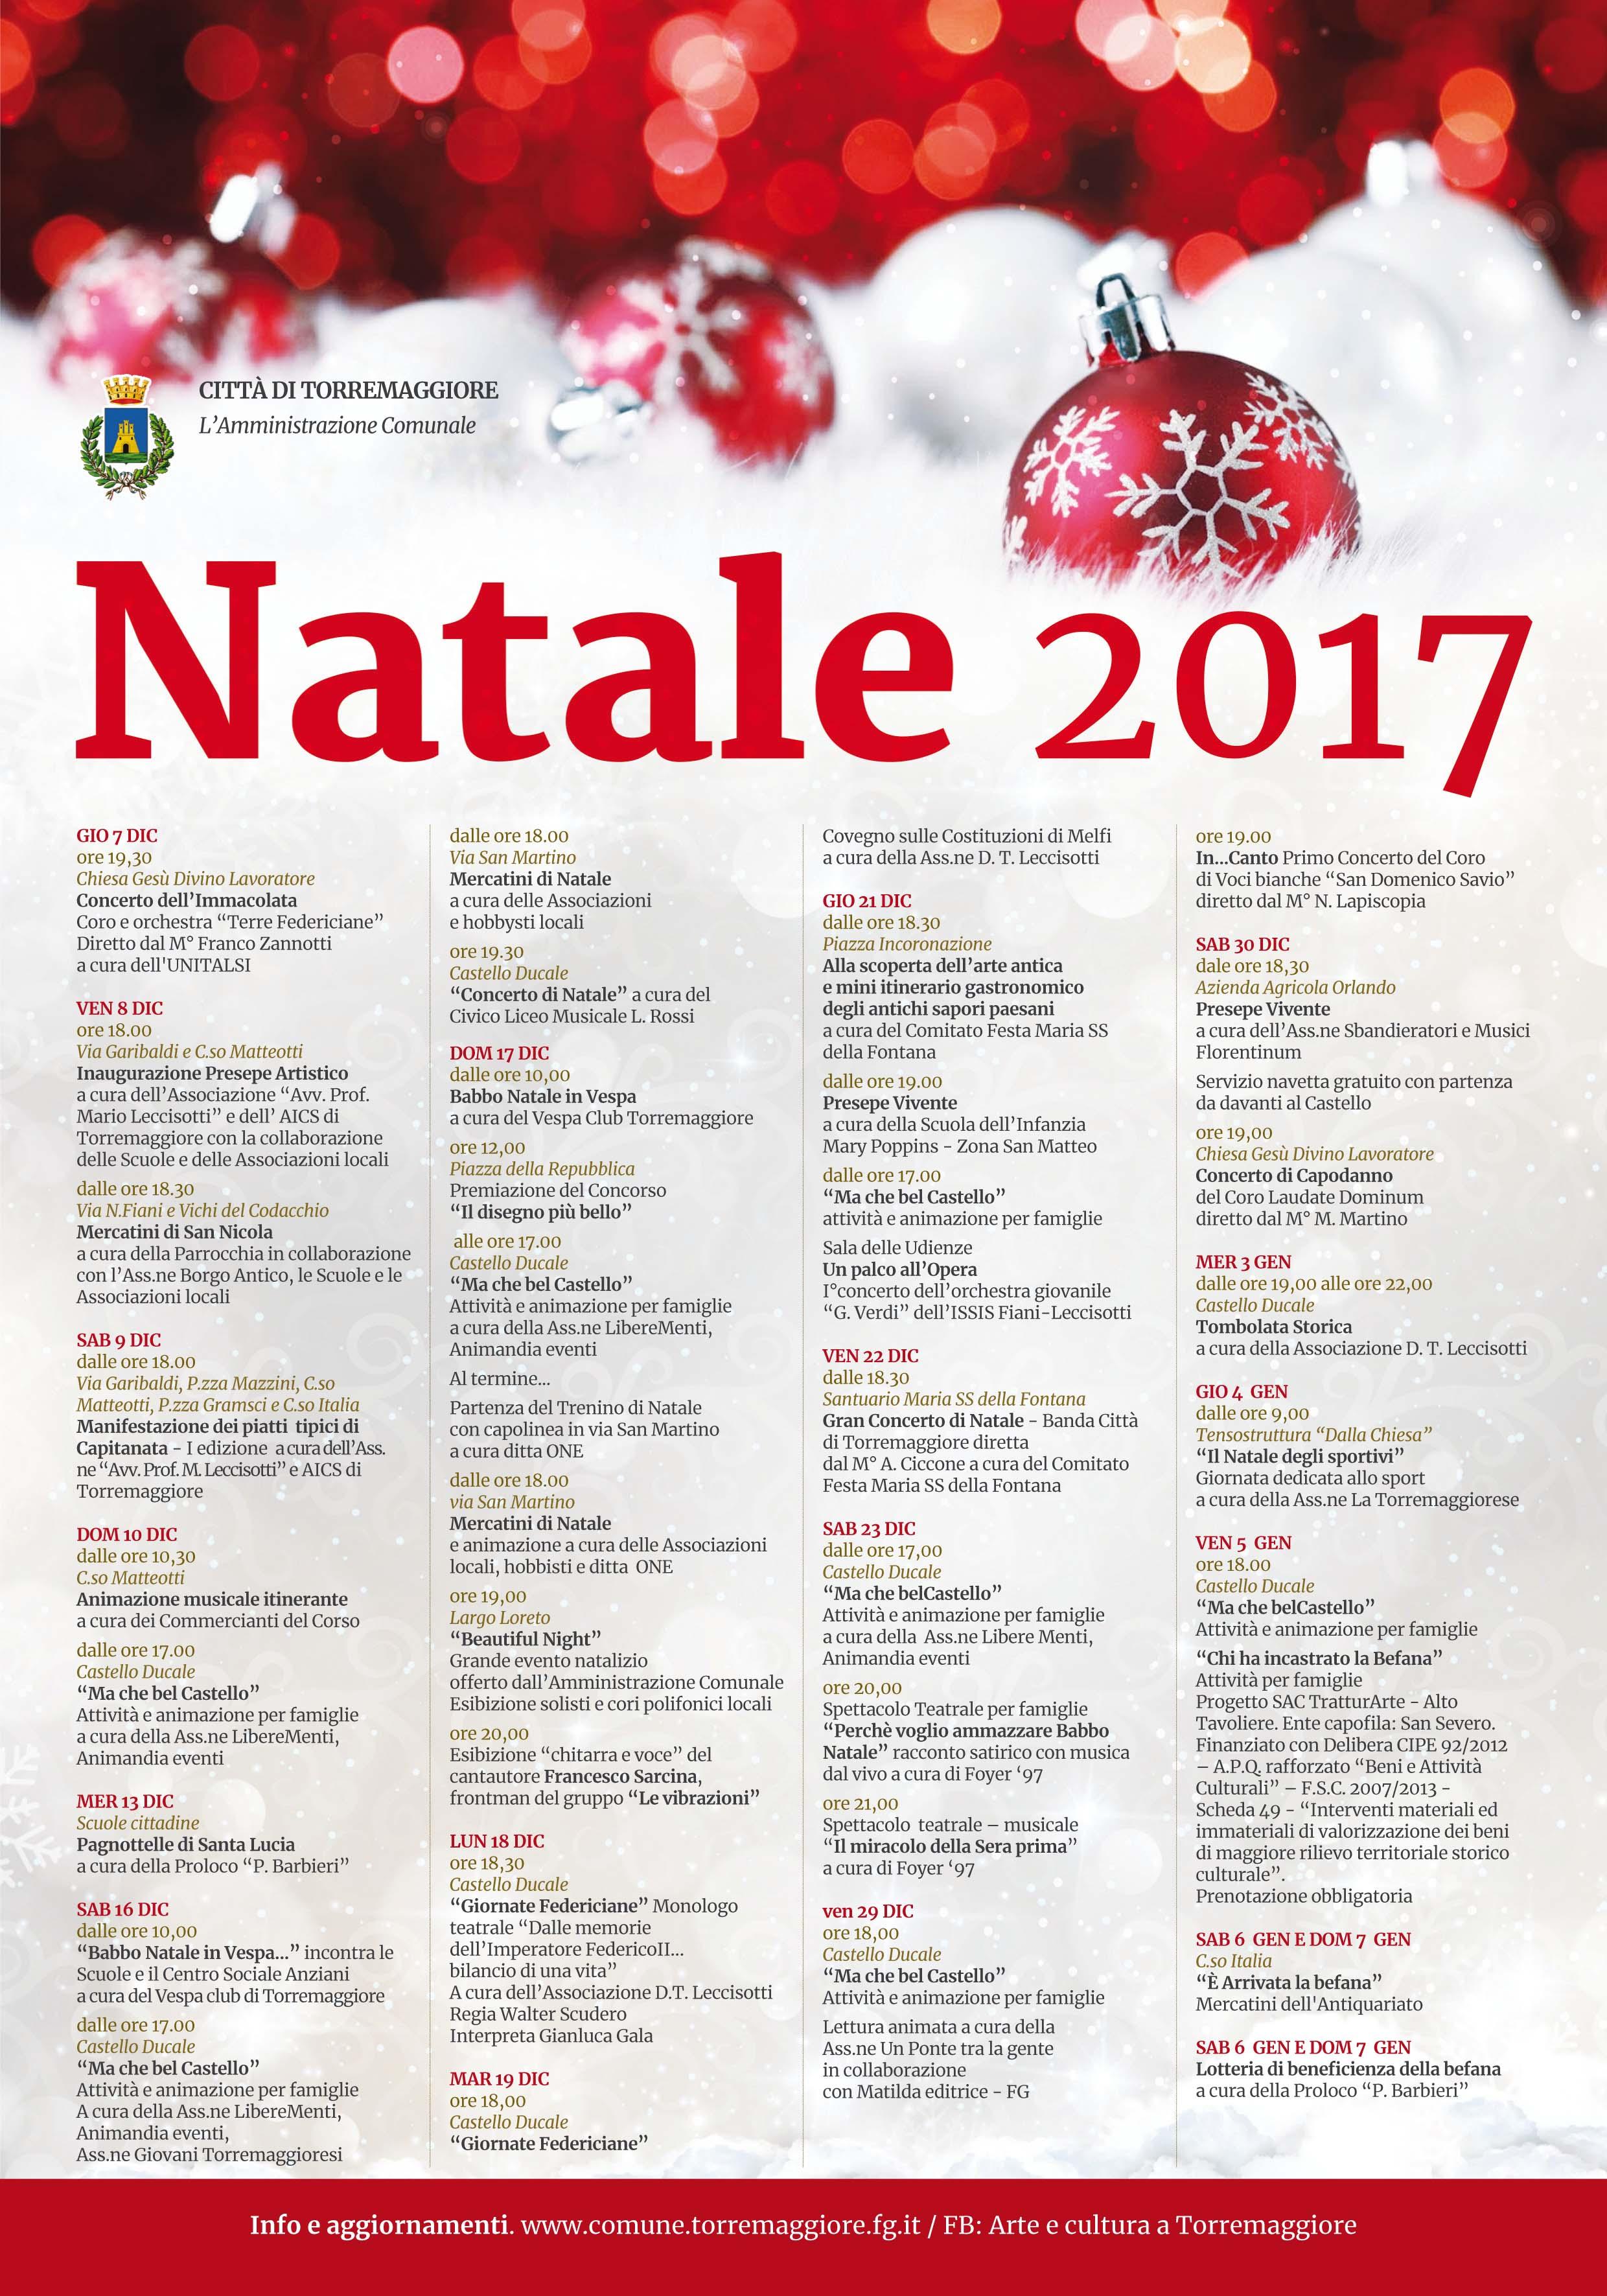 Eventi Di Natale.Programma Eventi Natalizi A Torremaggiore A Dicembre 2017